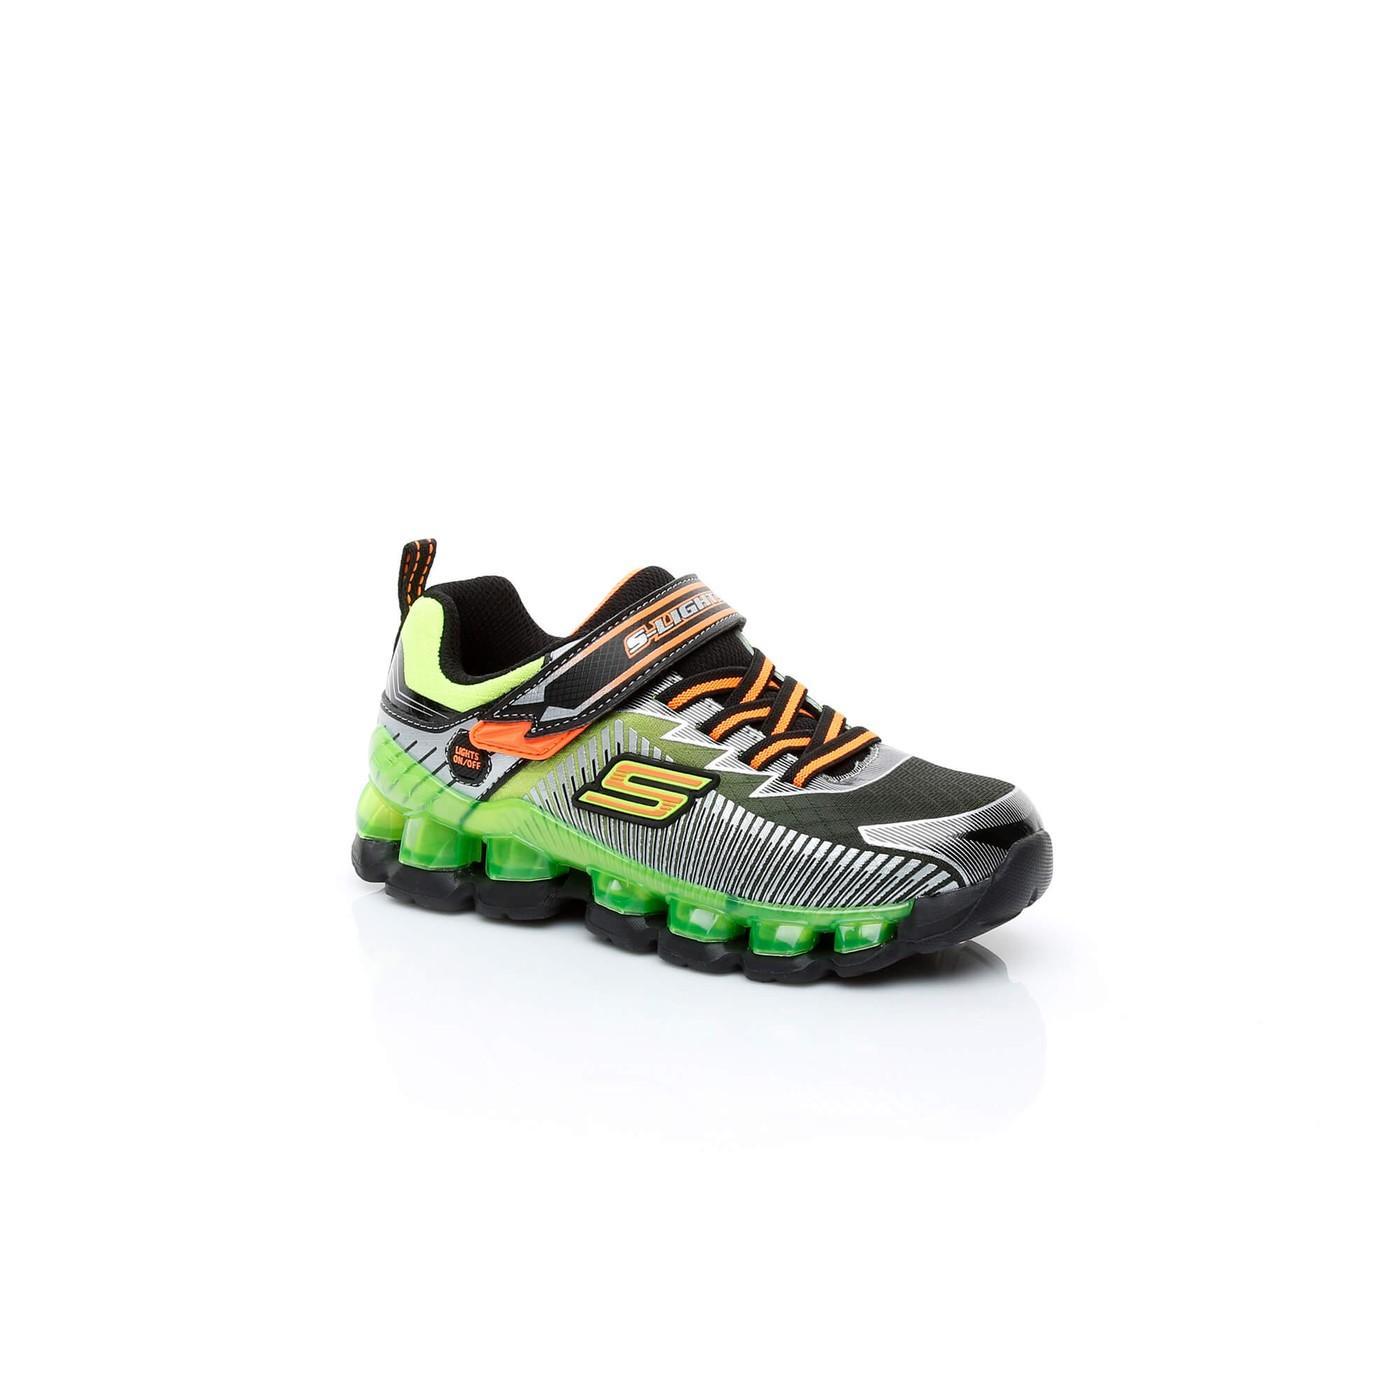 Skechers Flashpod- Scoria Işıklı Çocuk Yeşil Spor Ayakkabı